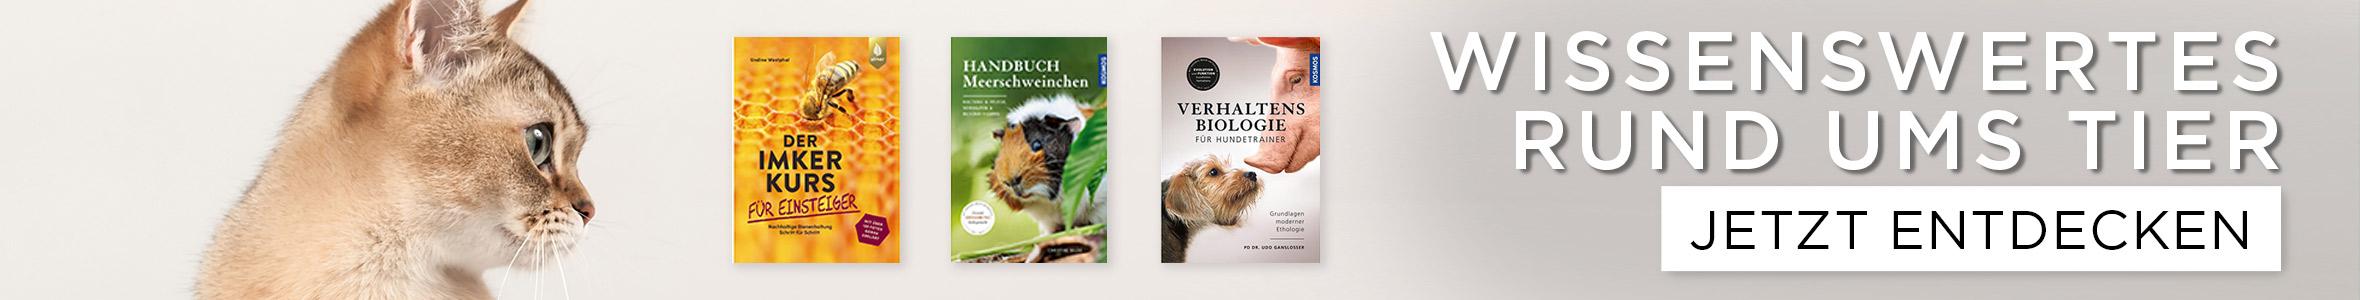 Bücher über Tiere und Tierhaltung - shöpping.at